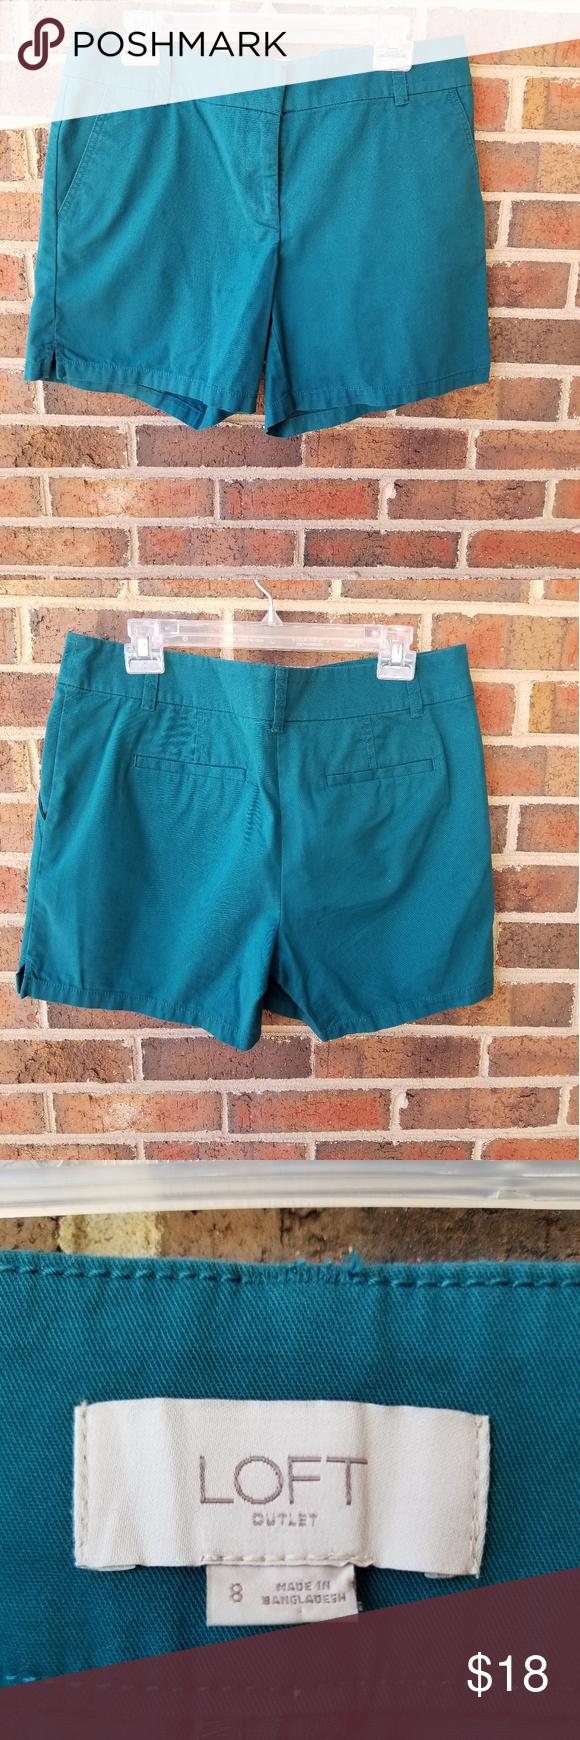 Sold Loft Size 8 Turquoise Shorts Turquoise Shorts Shorts Blue Shorts